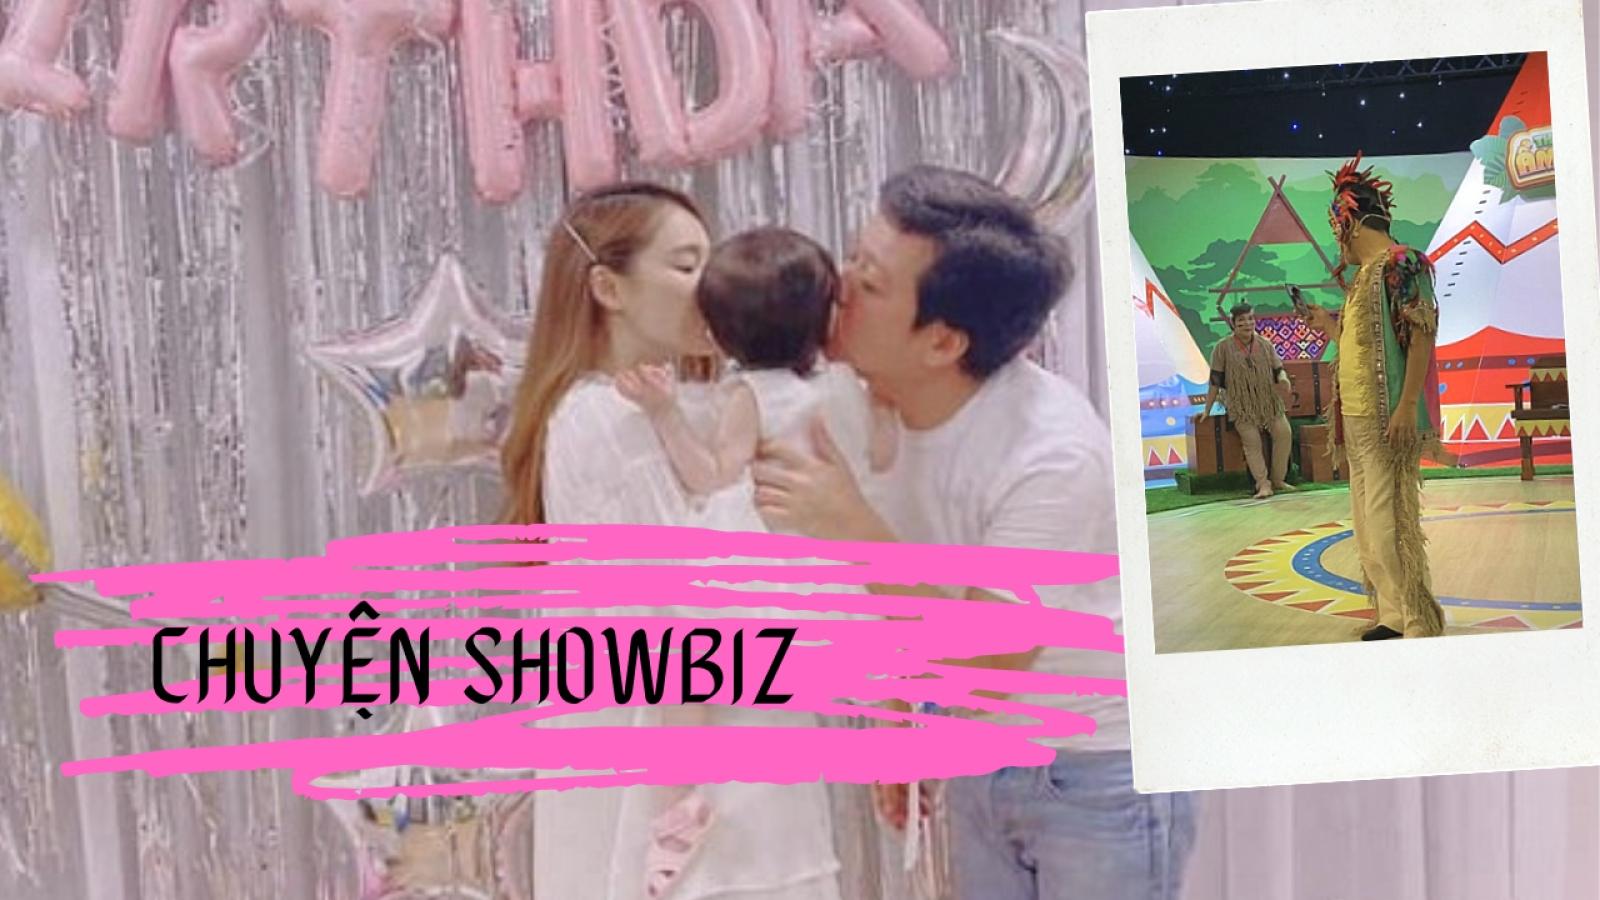 Chuyện showbiz: Trường Giang lôi điện thoại facetime với con gái giữa buổi quay hình